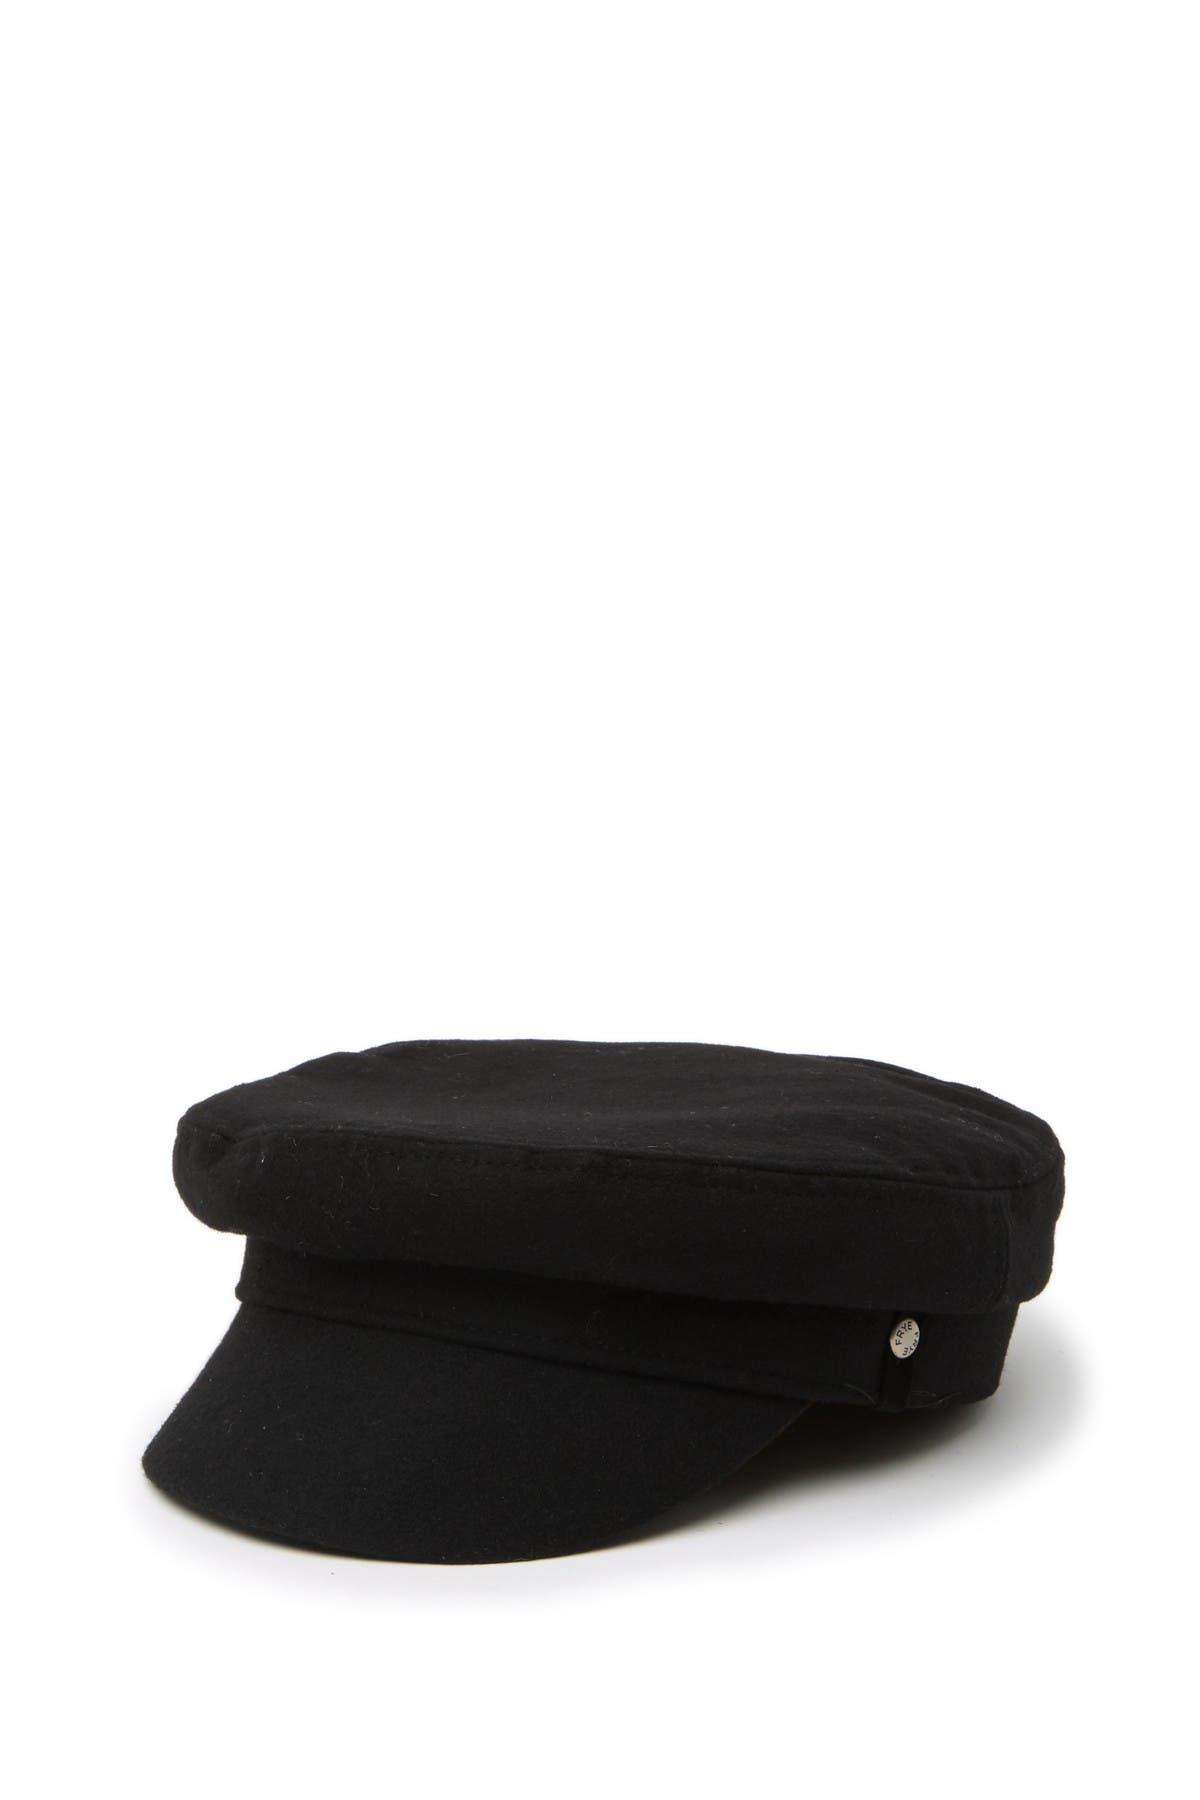 Image of Frye Wool Cap